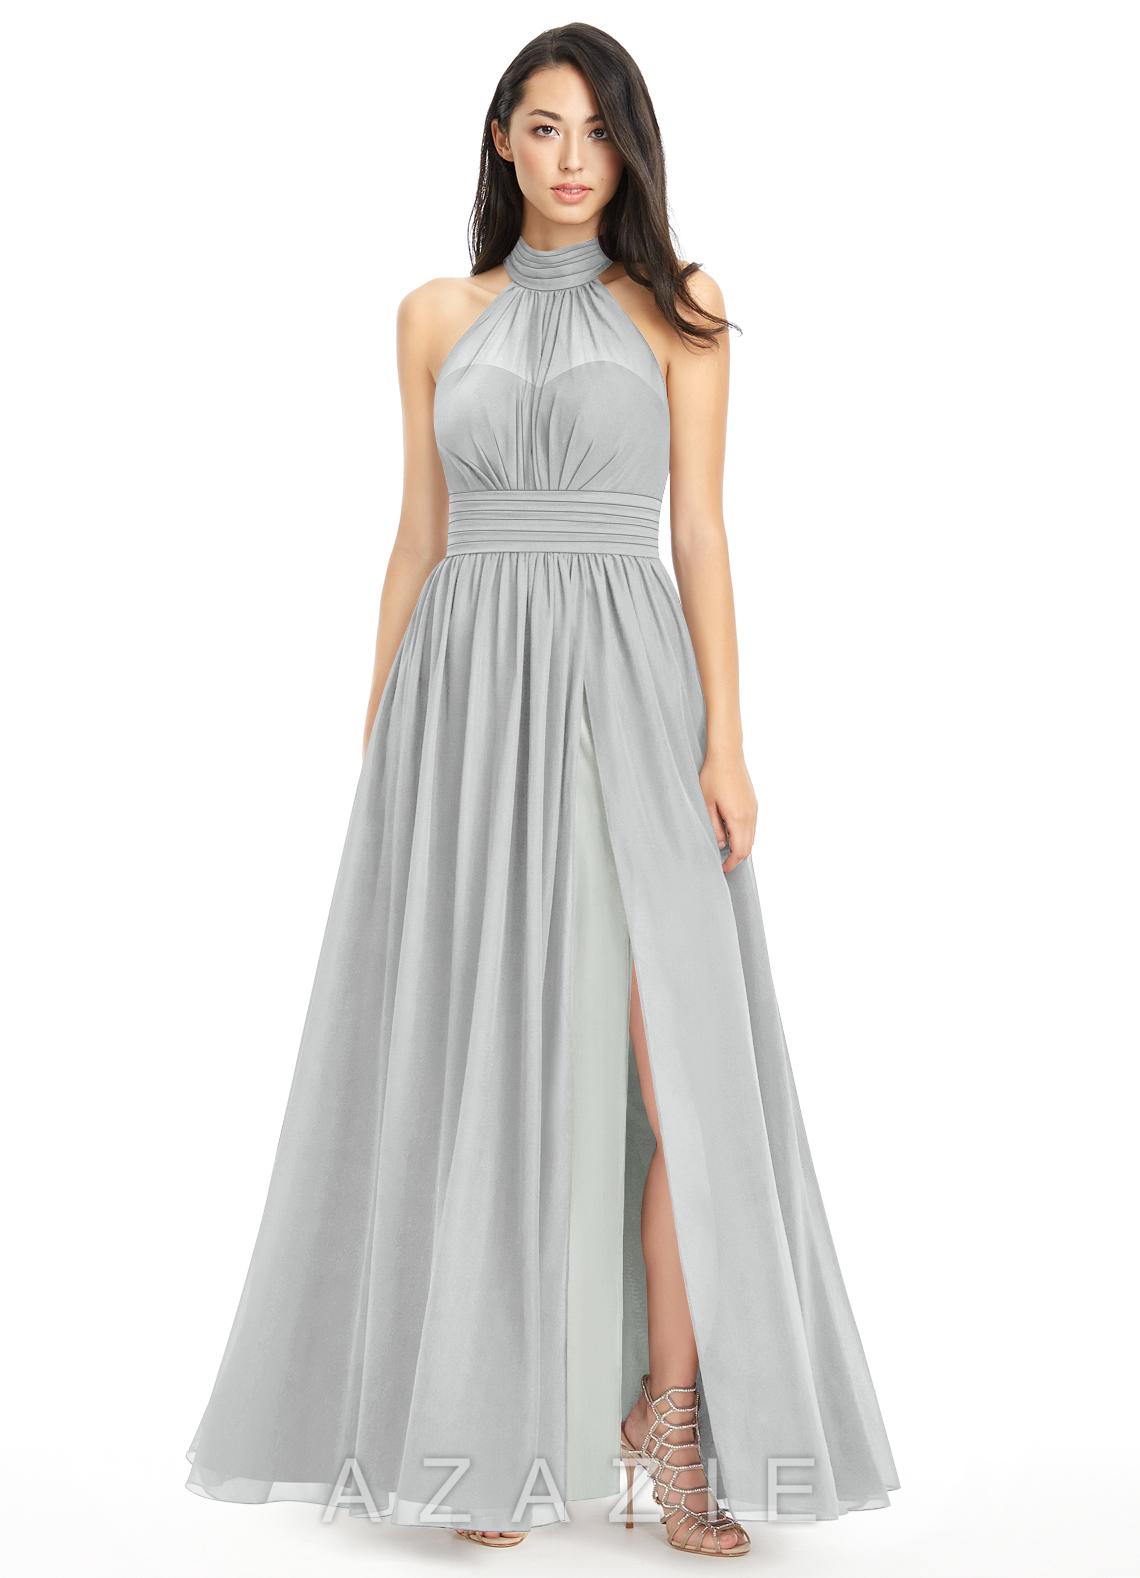 Azazie iman bridesmaid dress azazie for Silver wedding dresses for bridesmaids